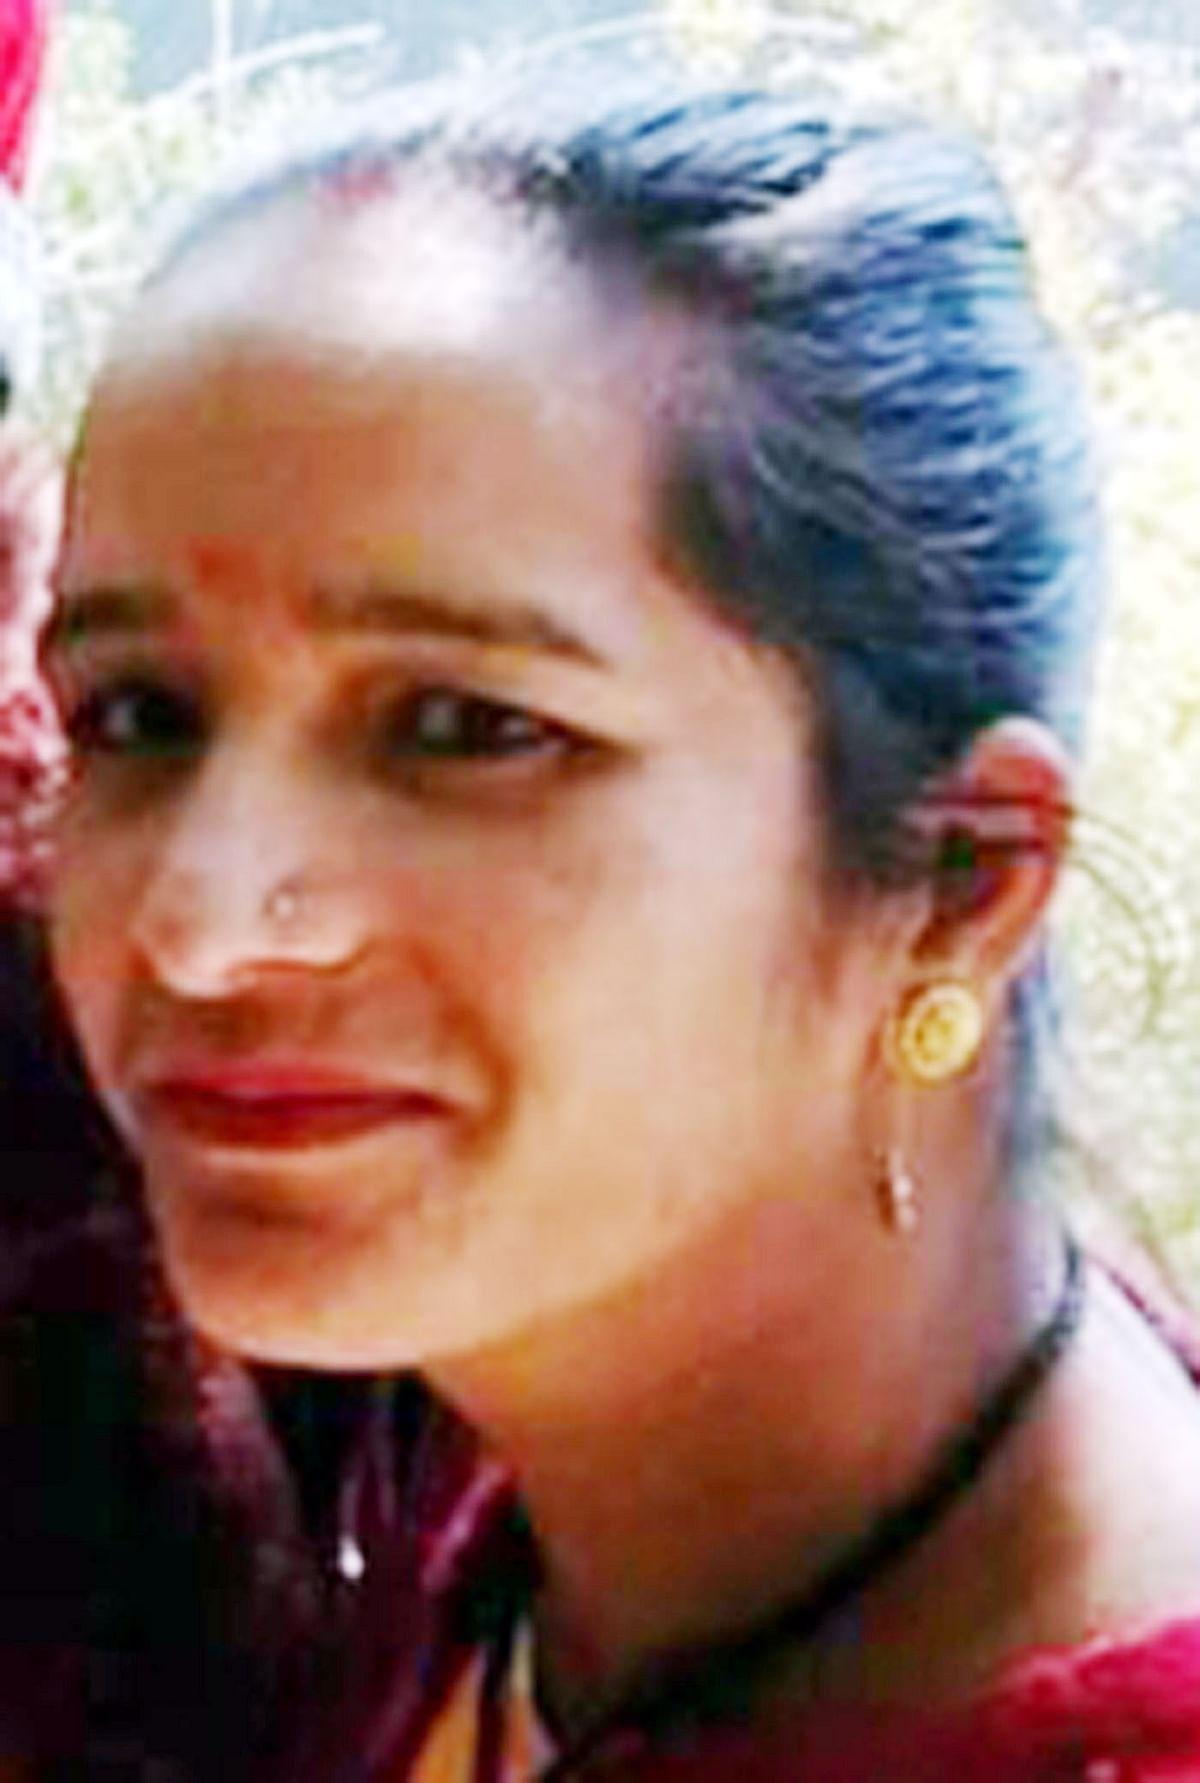 दहेज हत्या के आरोप में पति गिरफ्तार